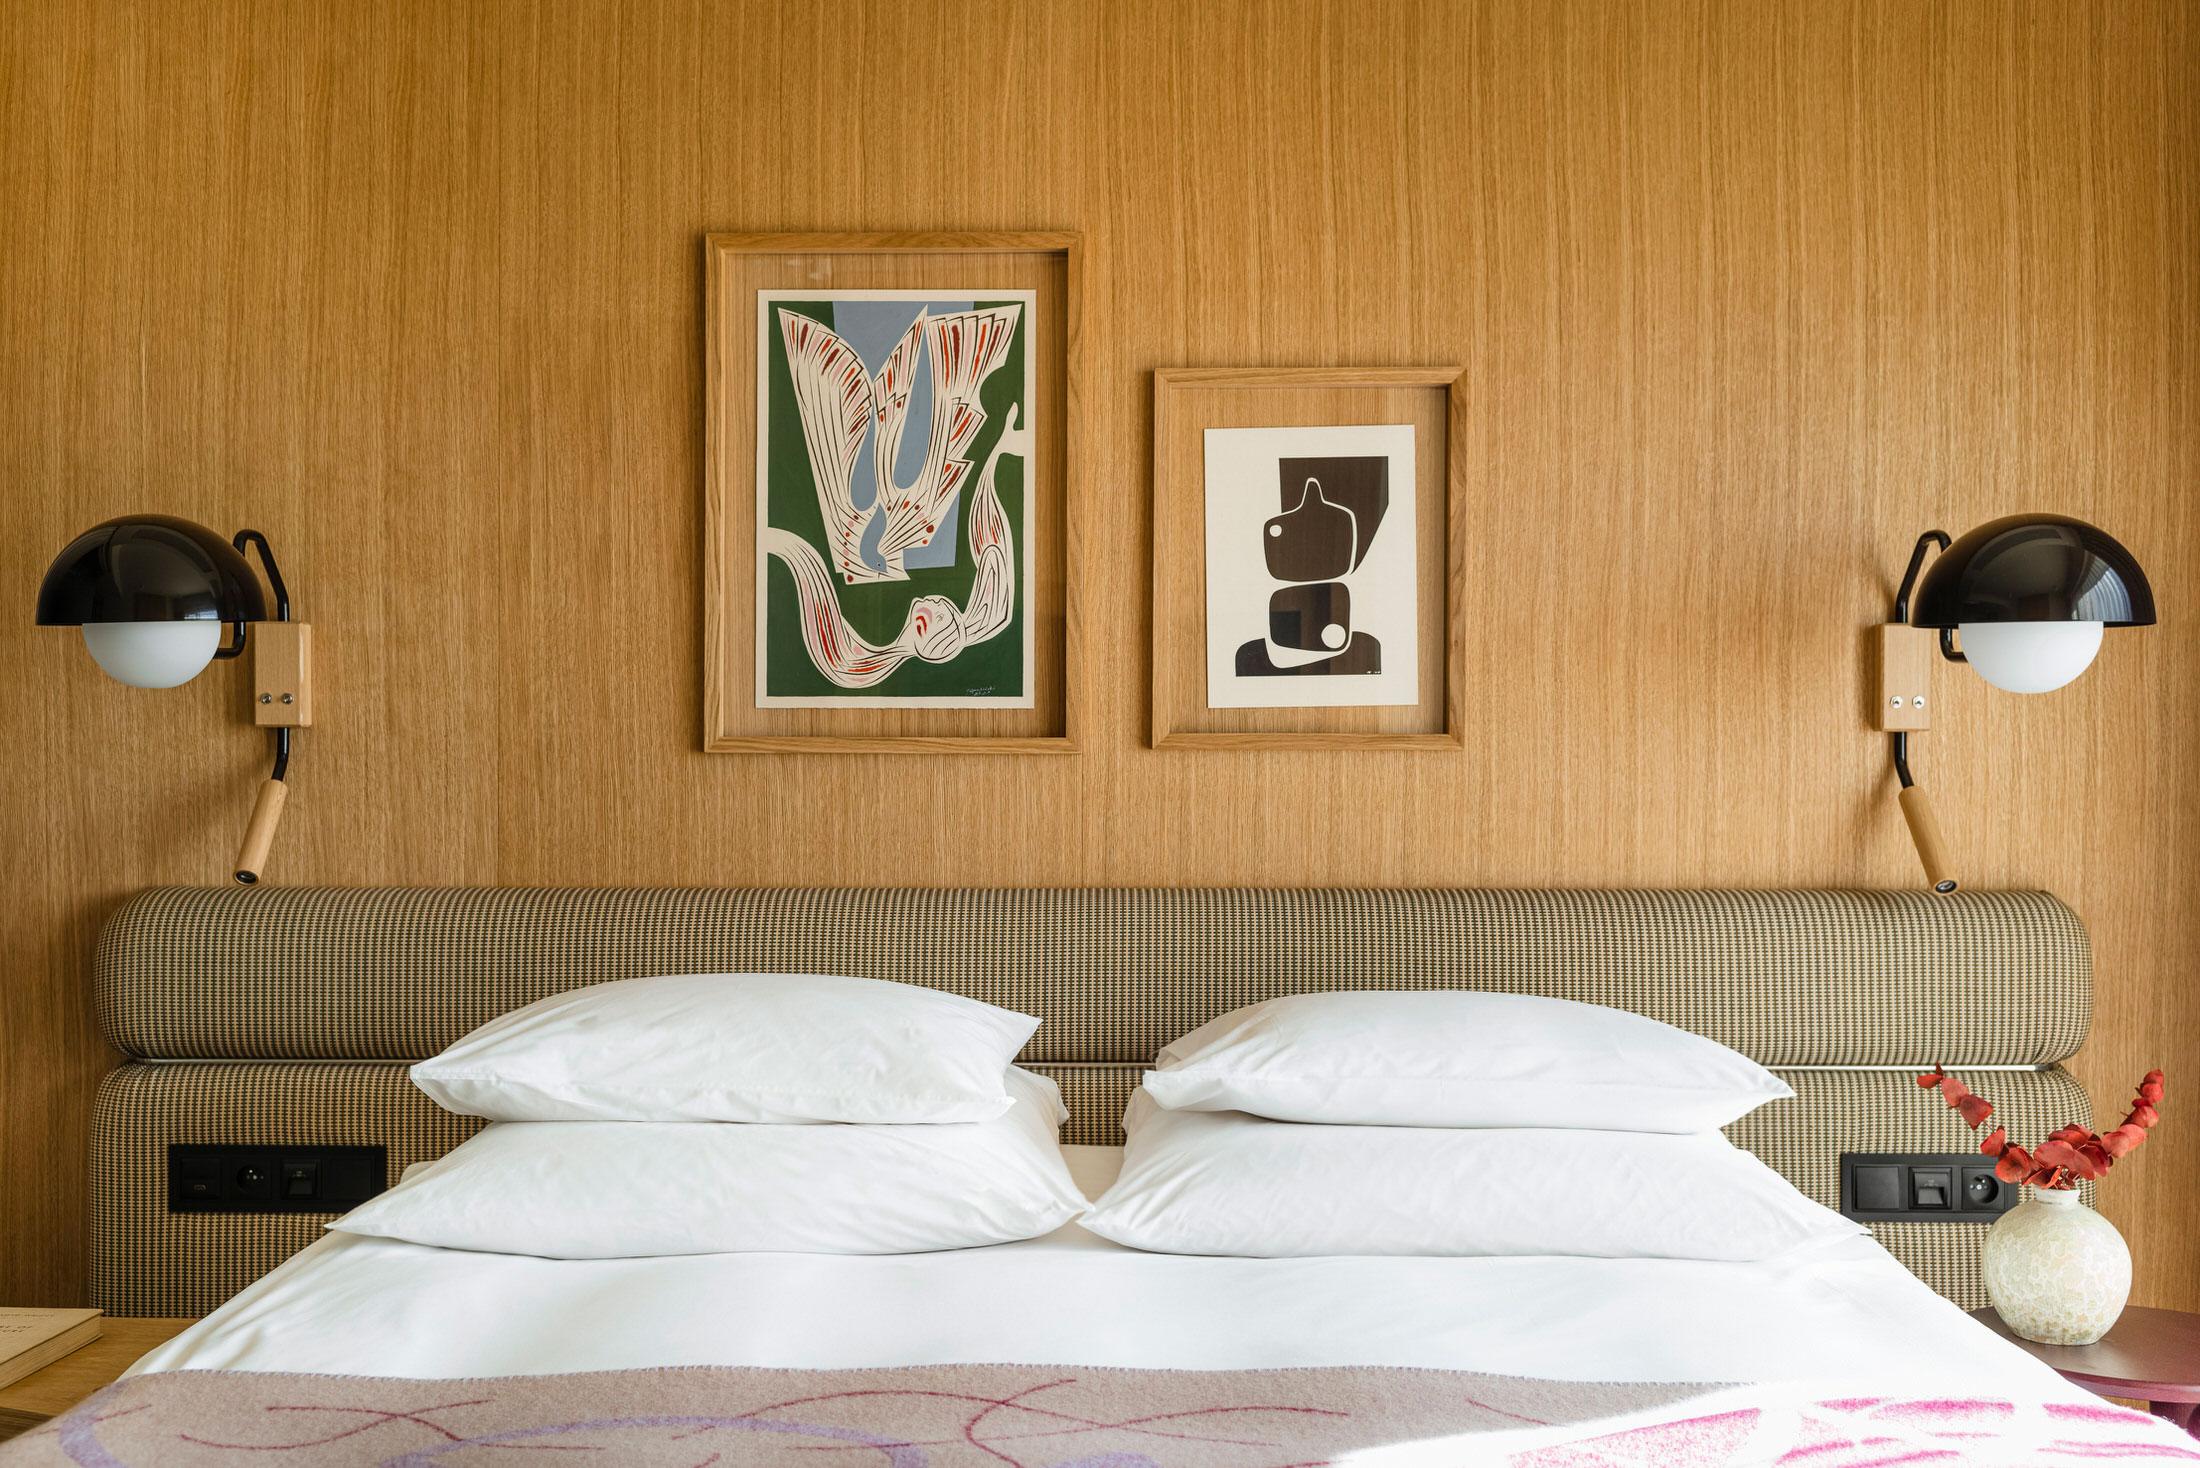 Paradowski Studio Puro Hotel Krakow Photo Pion Studio Yellowtrace 39